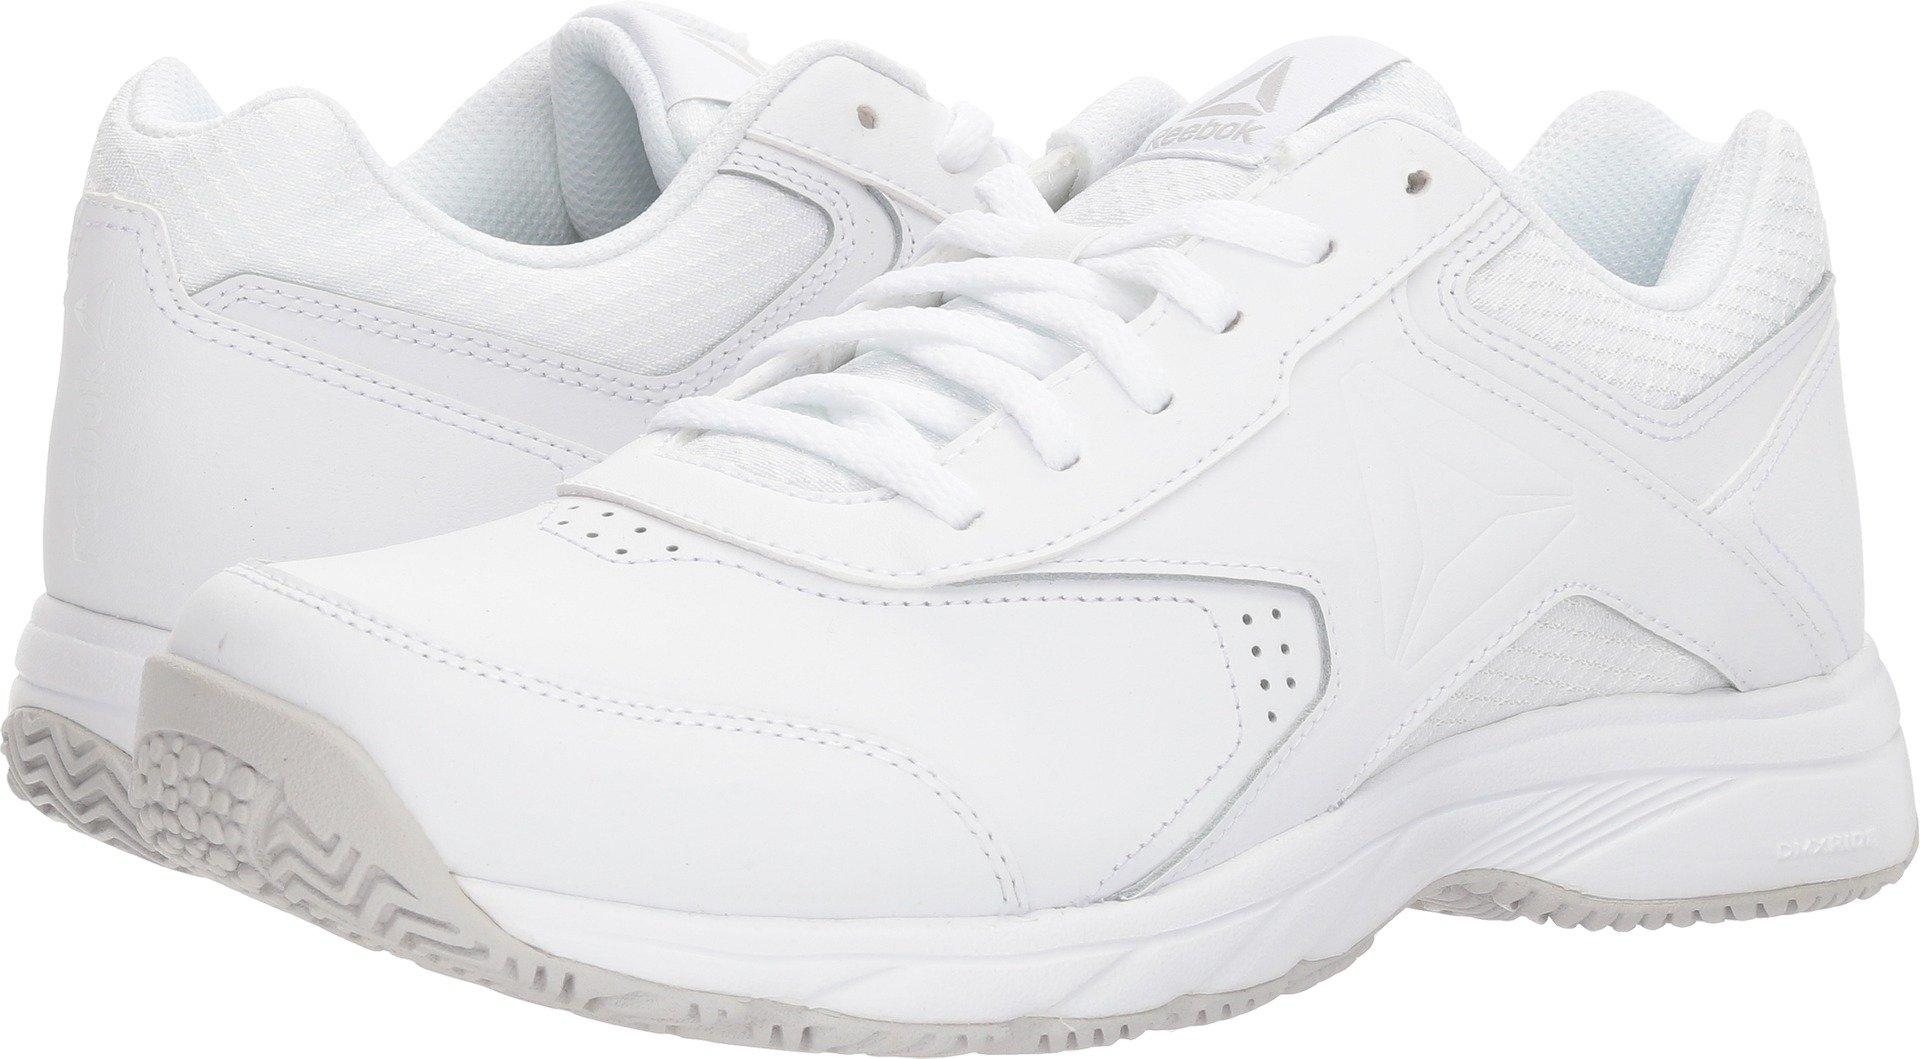 N Cushion 3.0 Walking Shoe